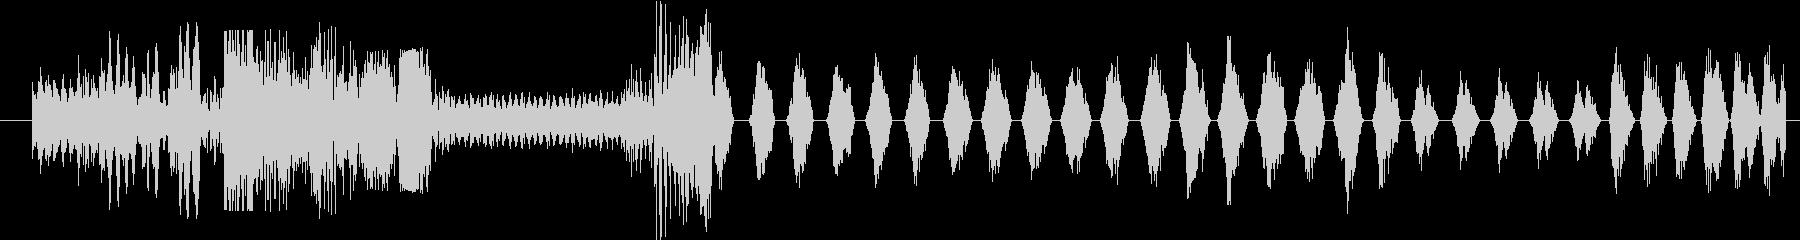 イメージ クレイジートーク08の未再生の波形